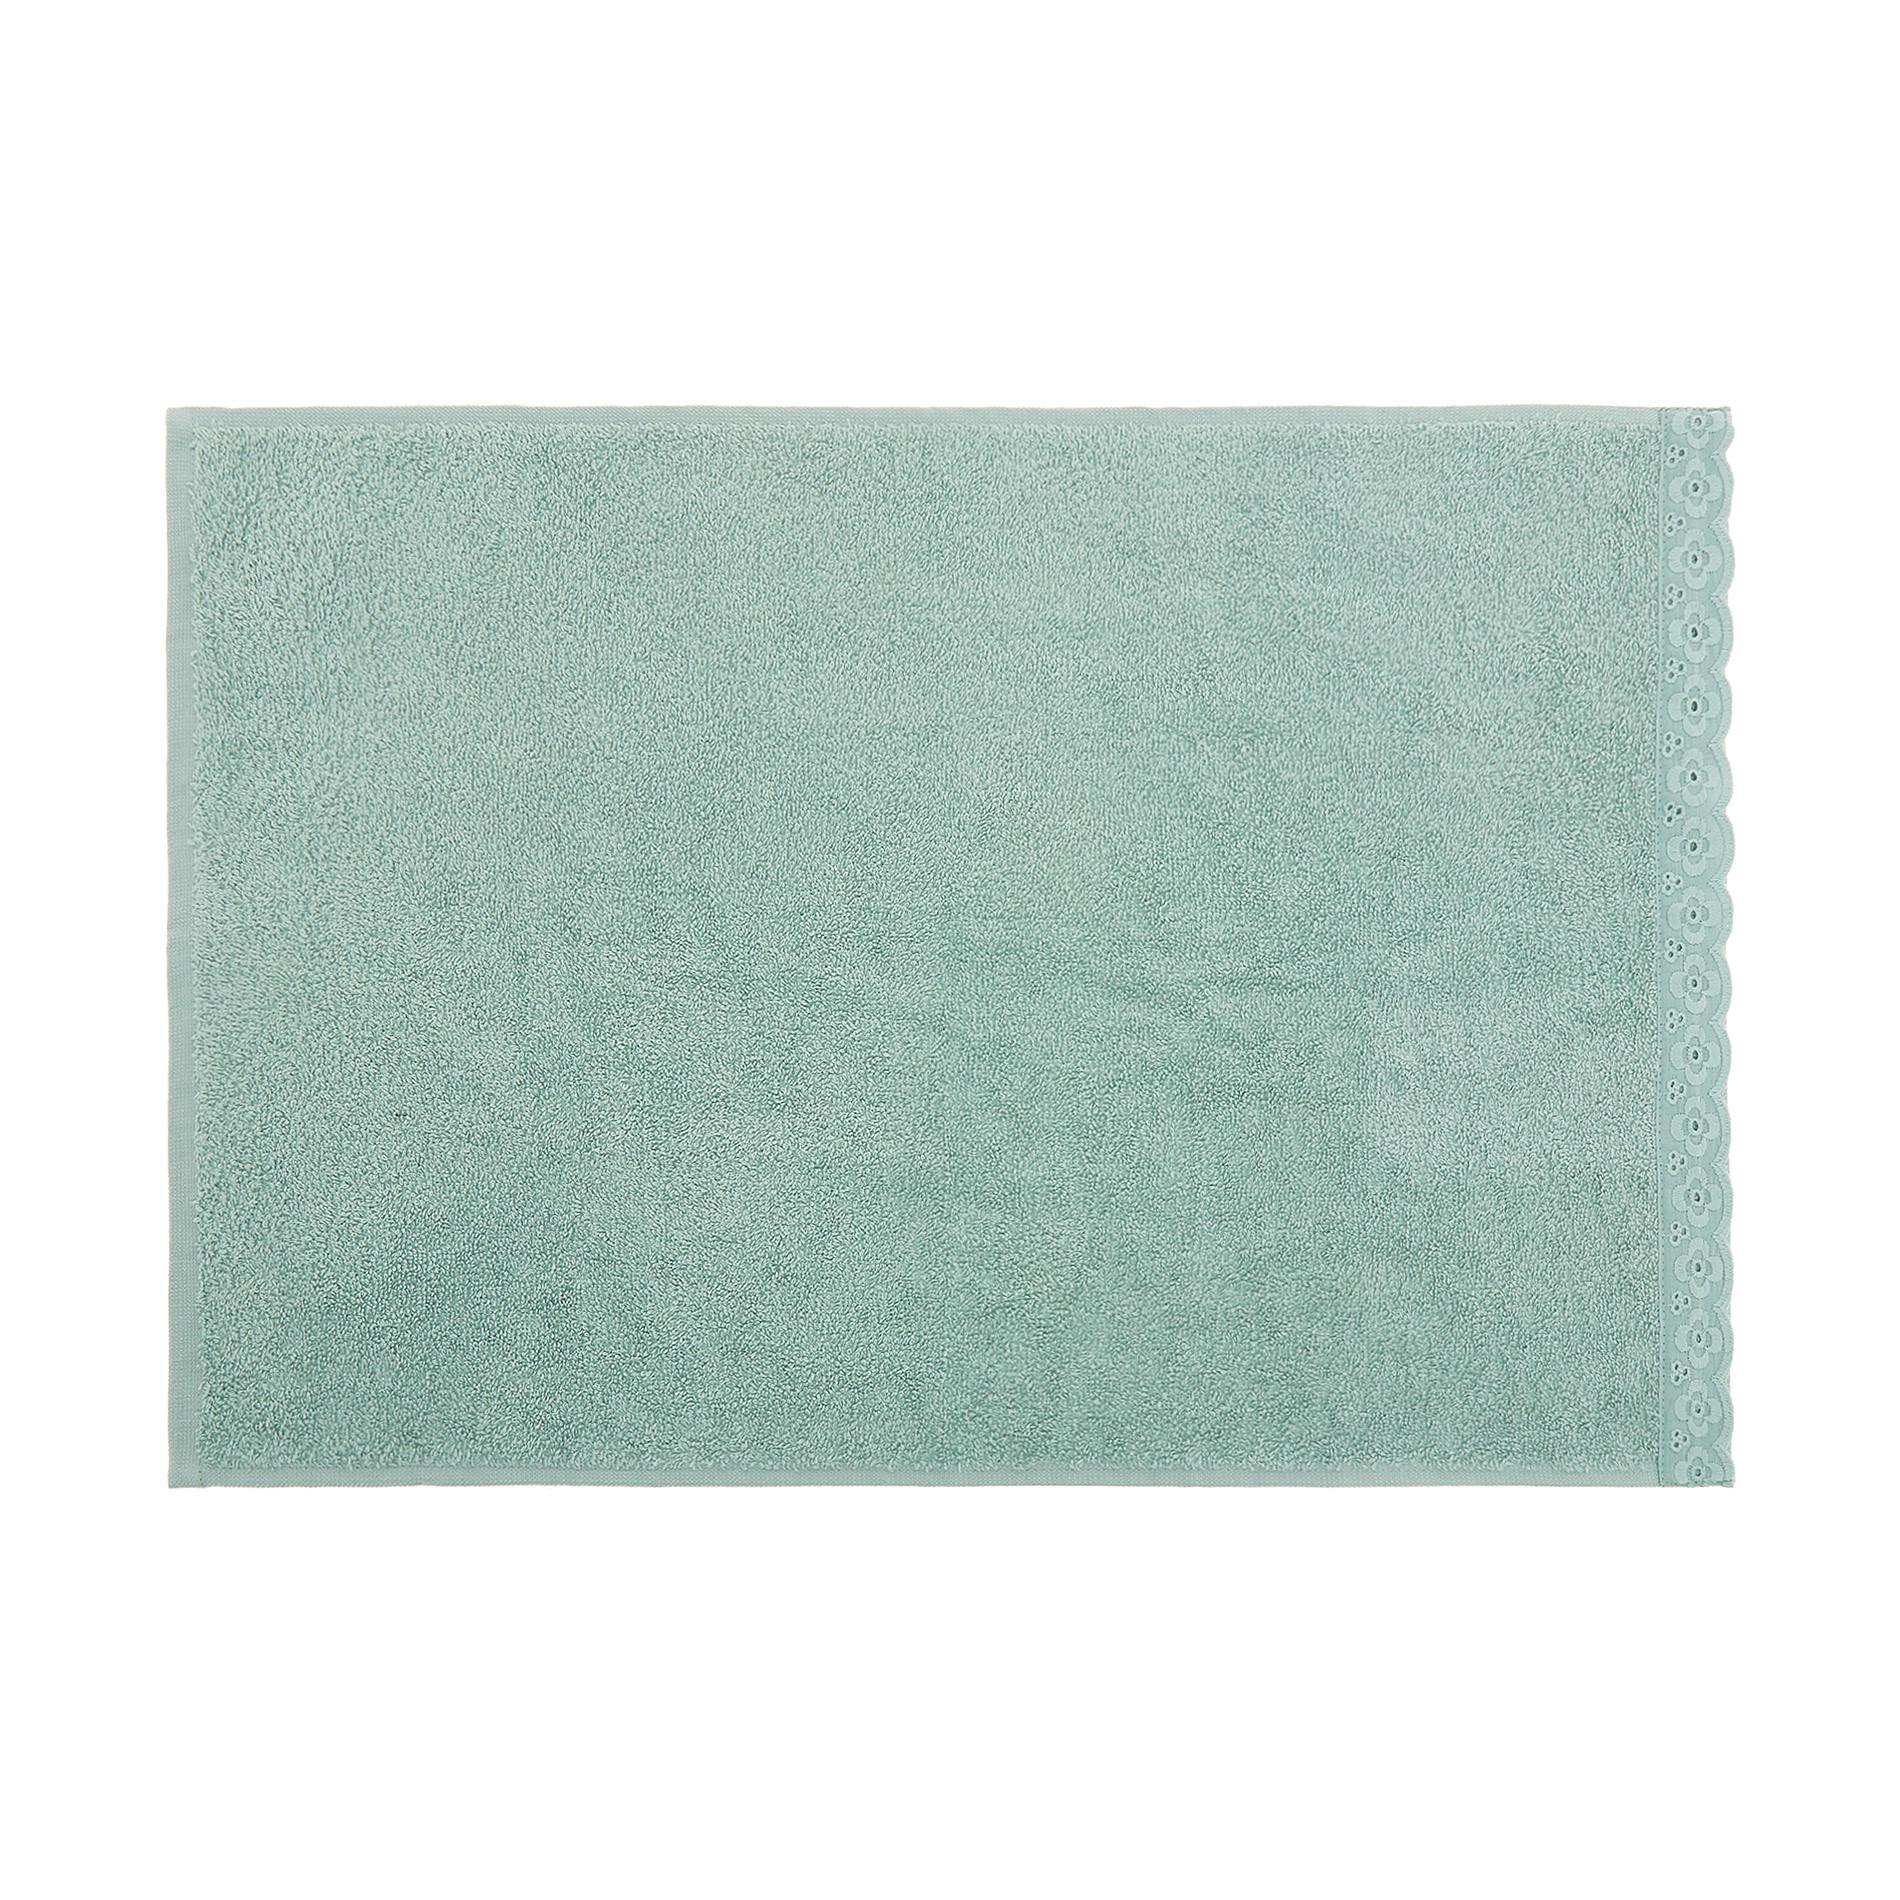 Asciugamano spugna di cotone bordo sangallo, Verde opale, large image number 1